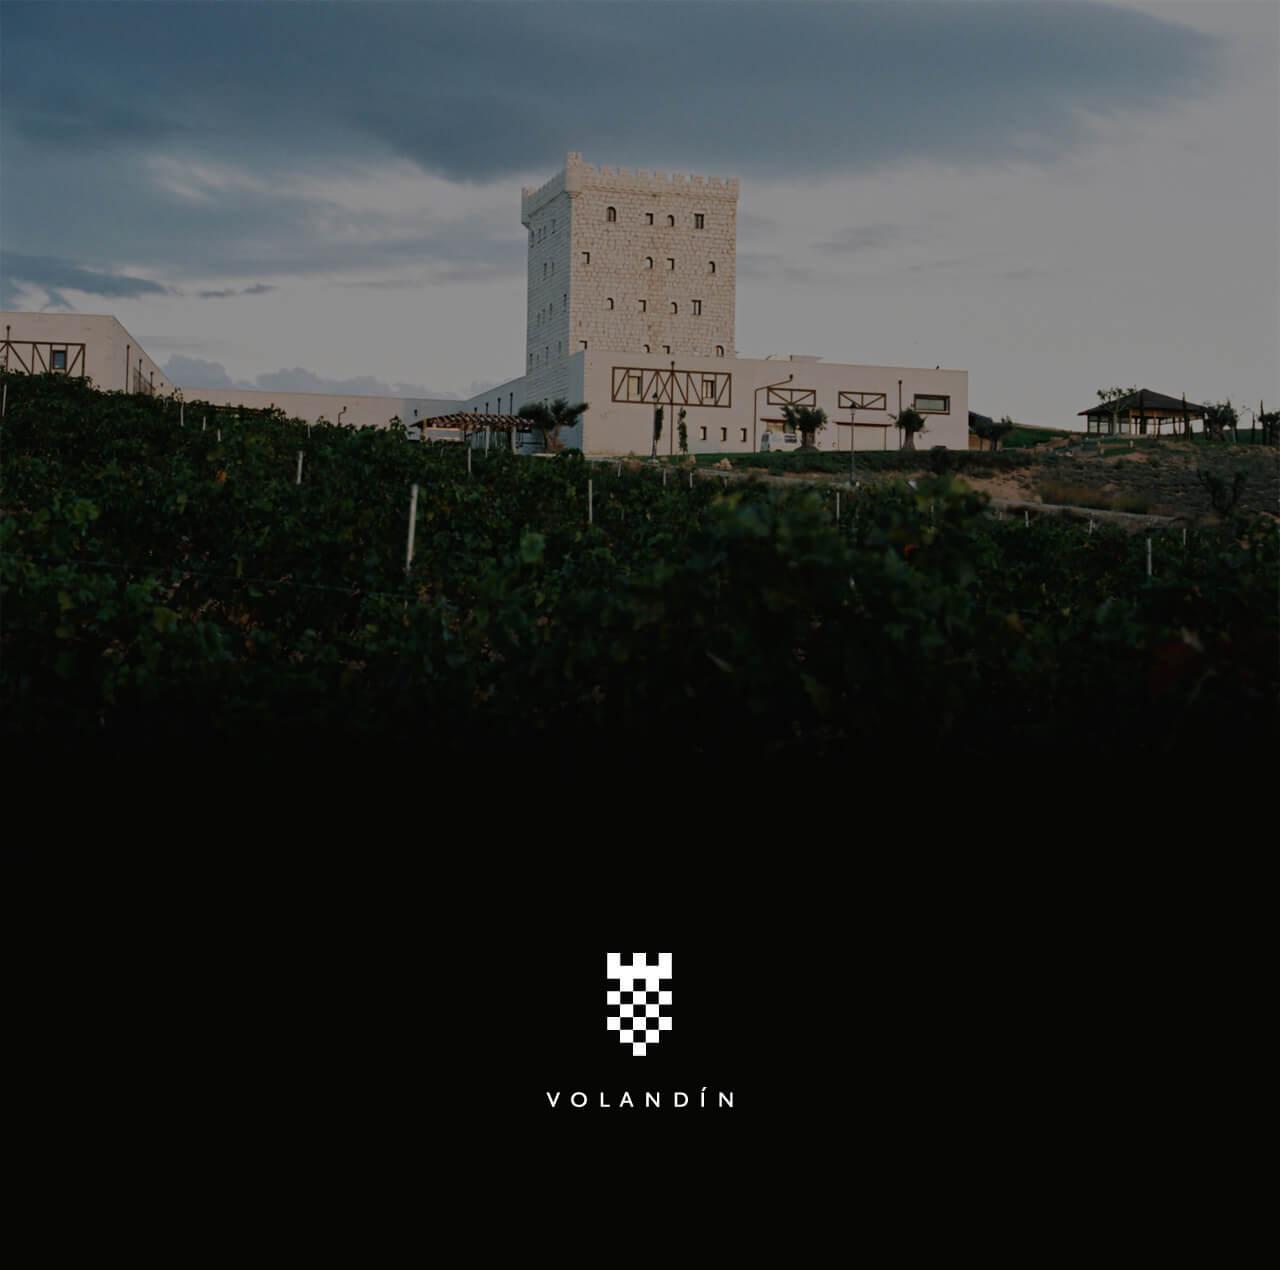 Logo de Volandín sobre fotografía del castillo de la bodega